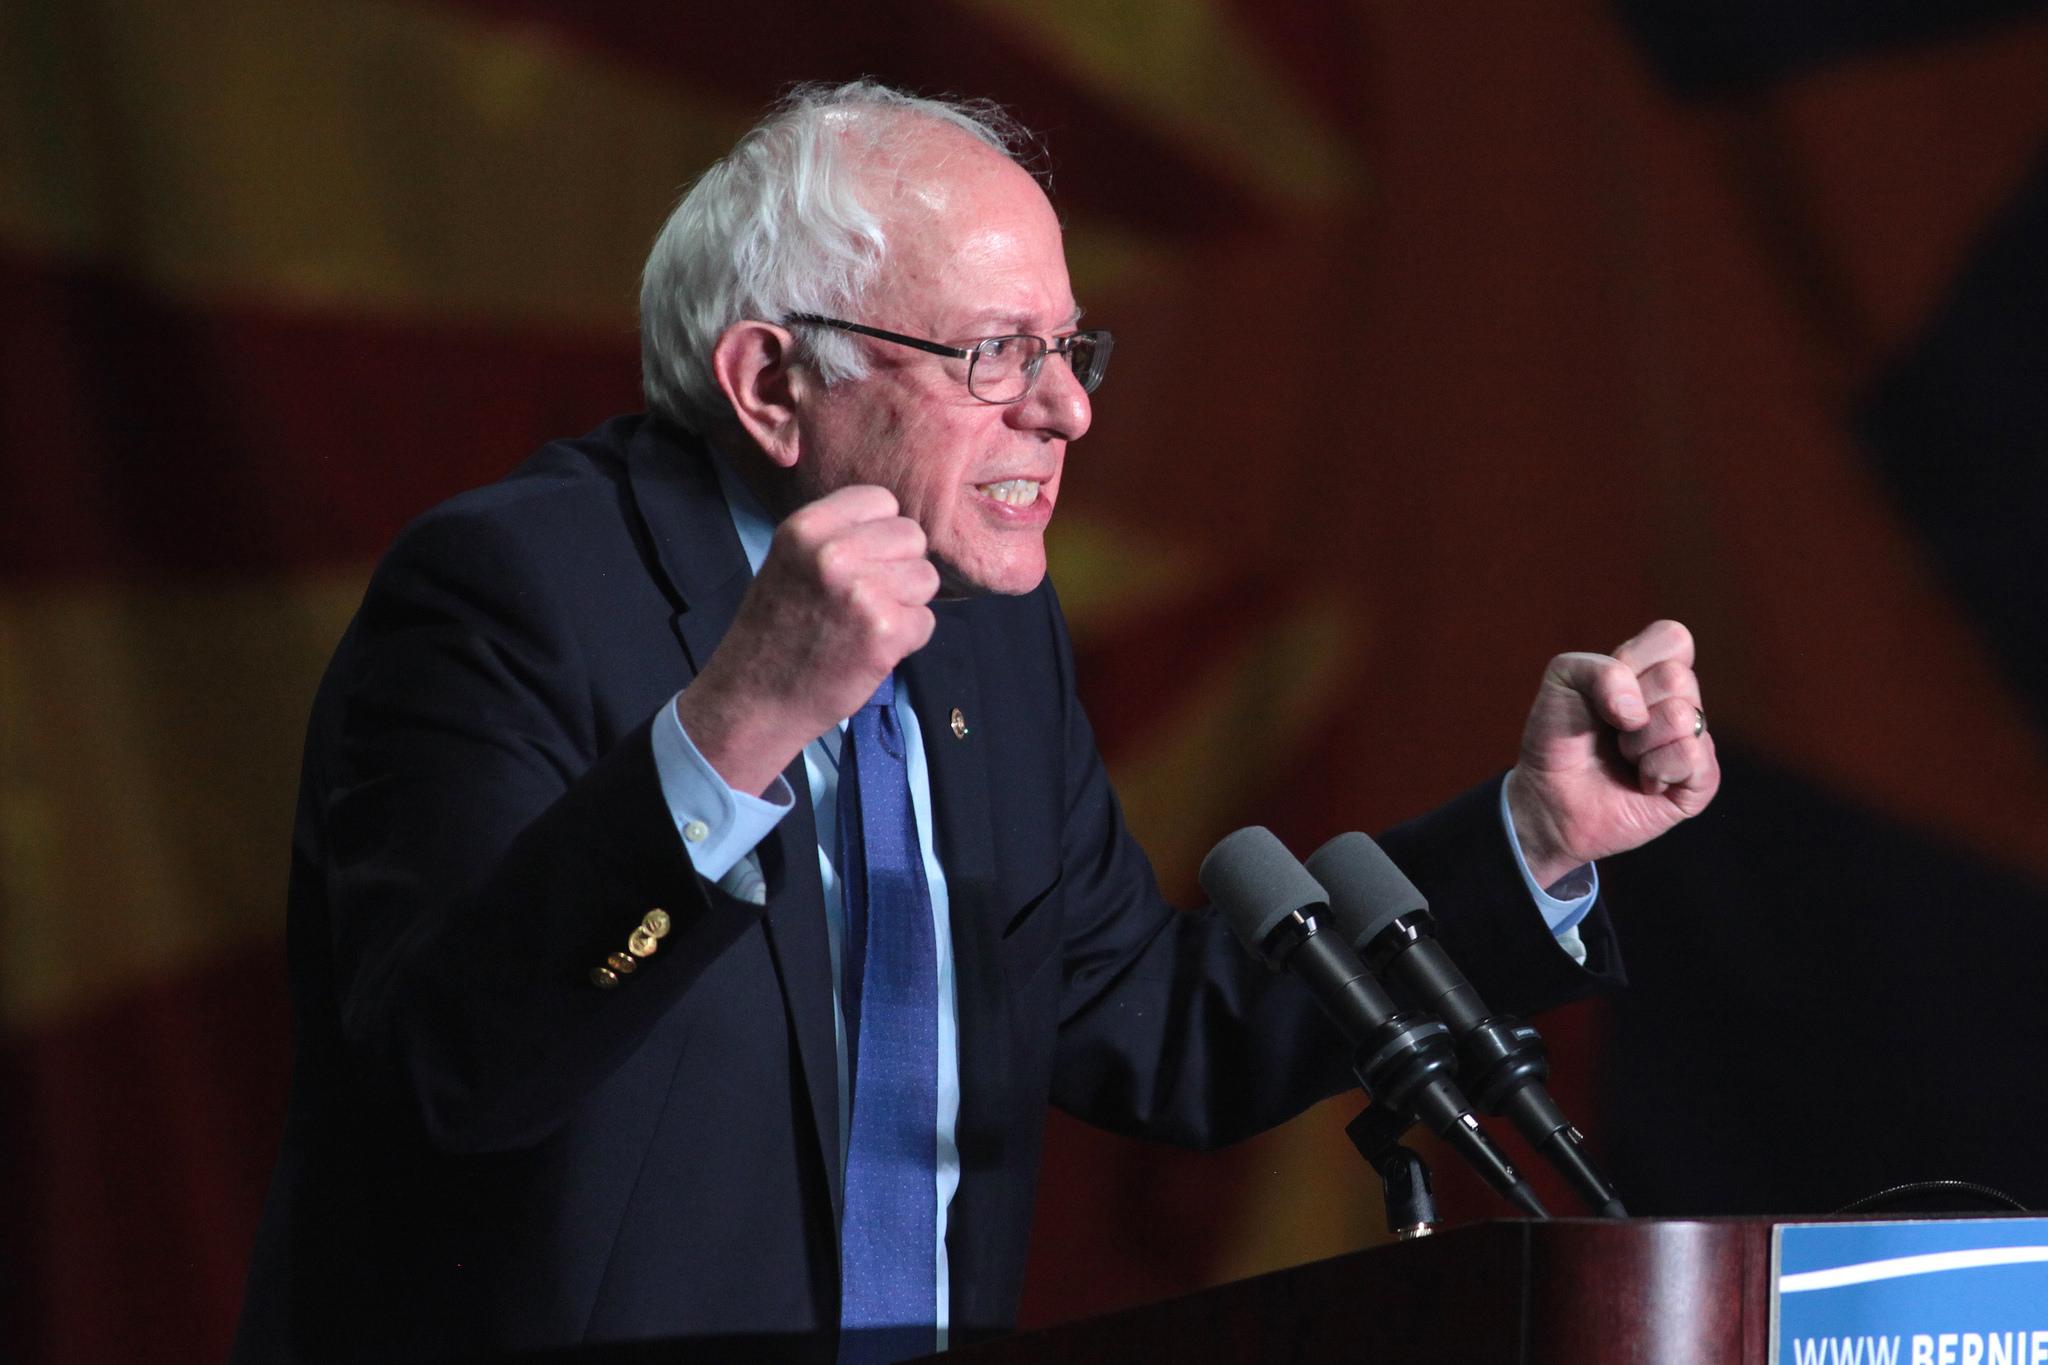 Bern Felt - Sanders begins 2020 campaign